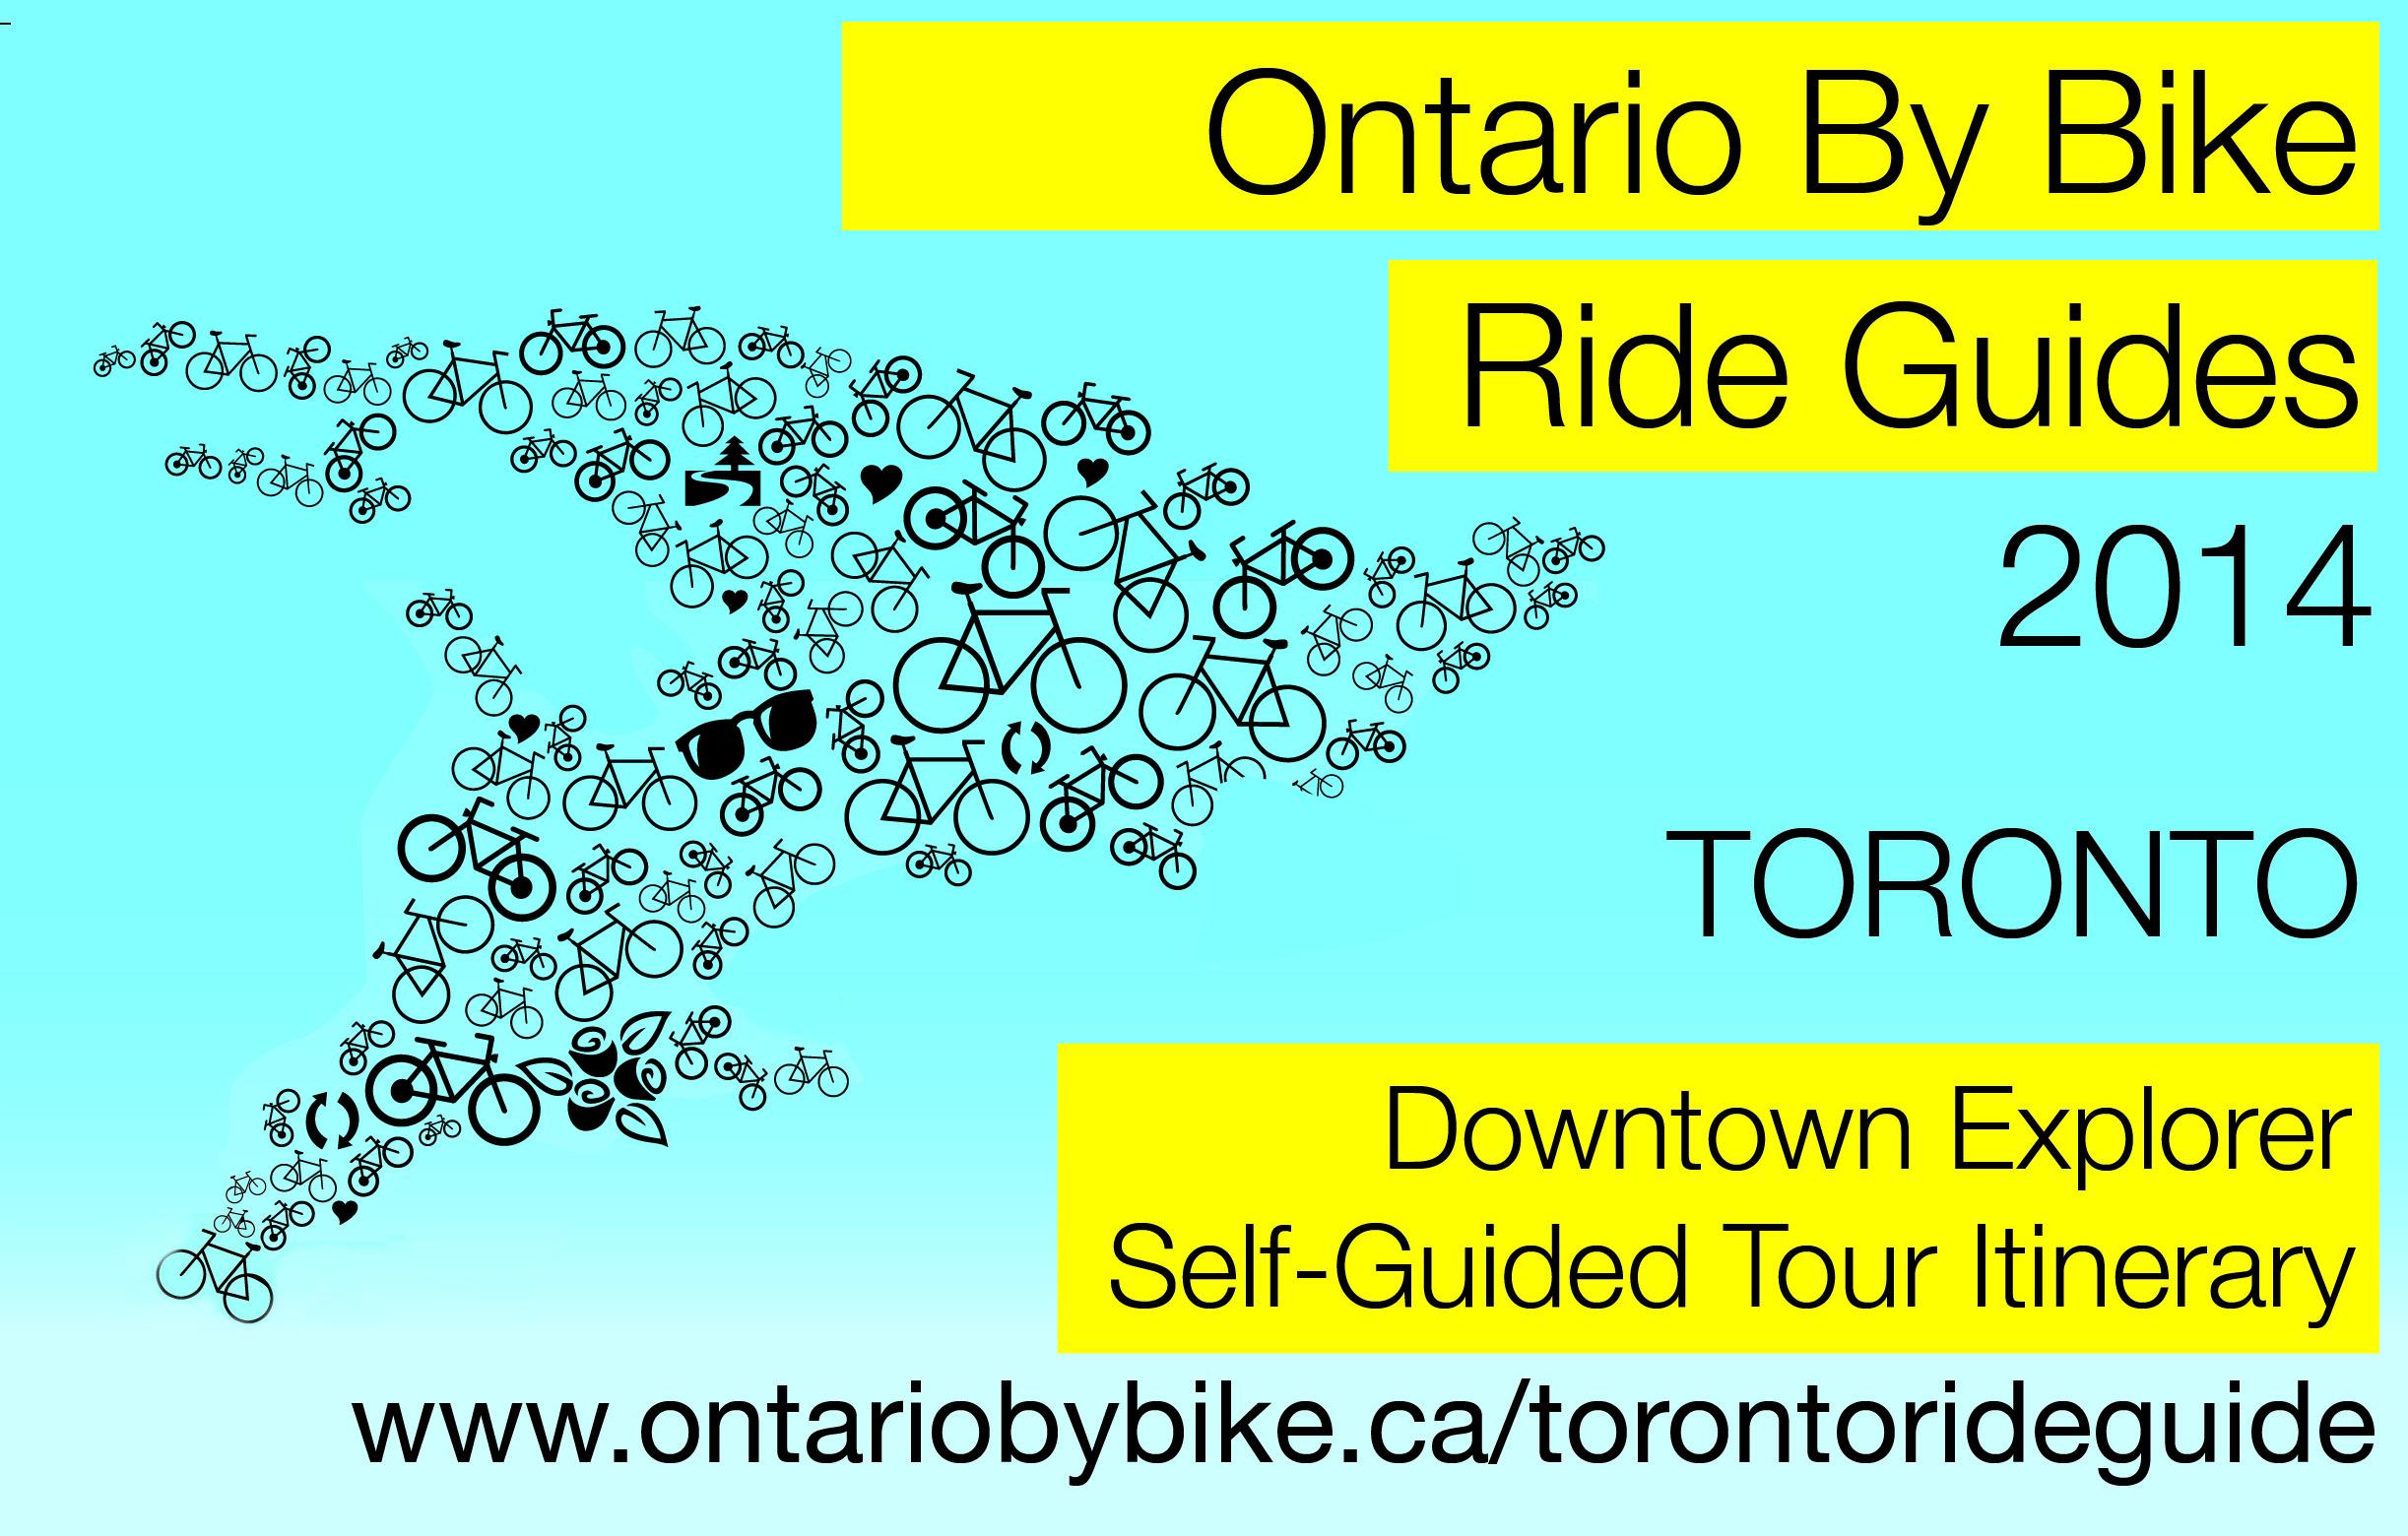 Ride Guide 2014 BlueTORONTO - Post Launch